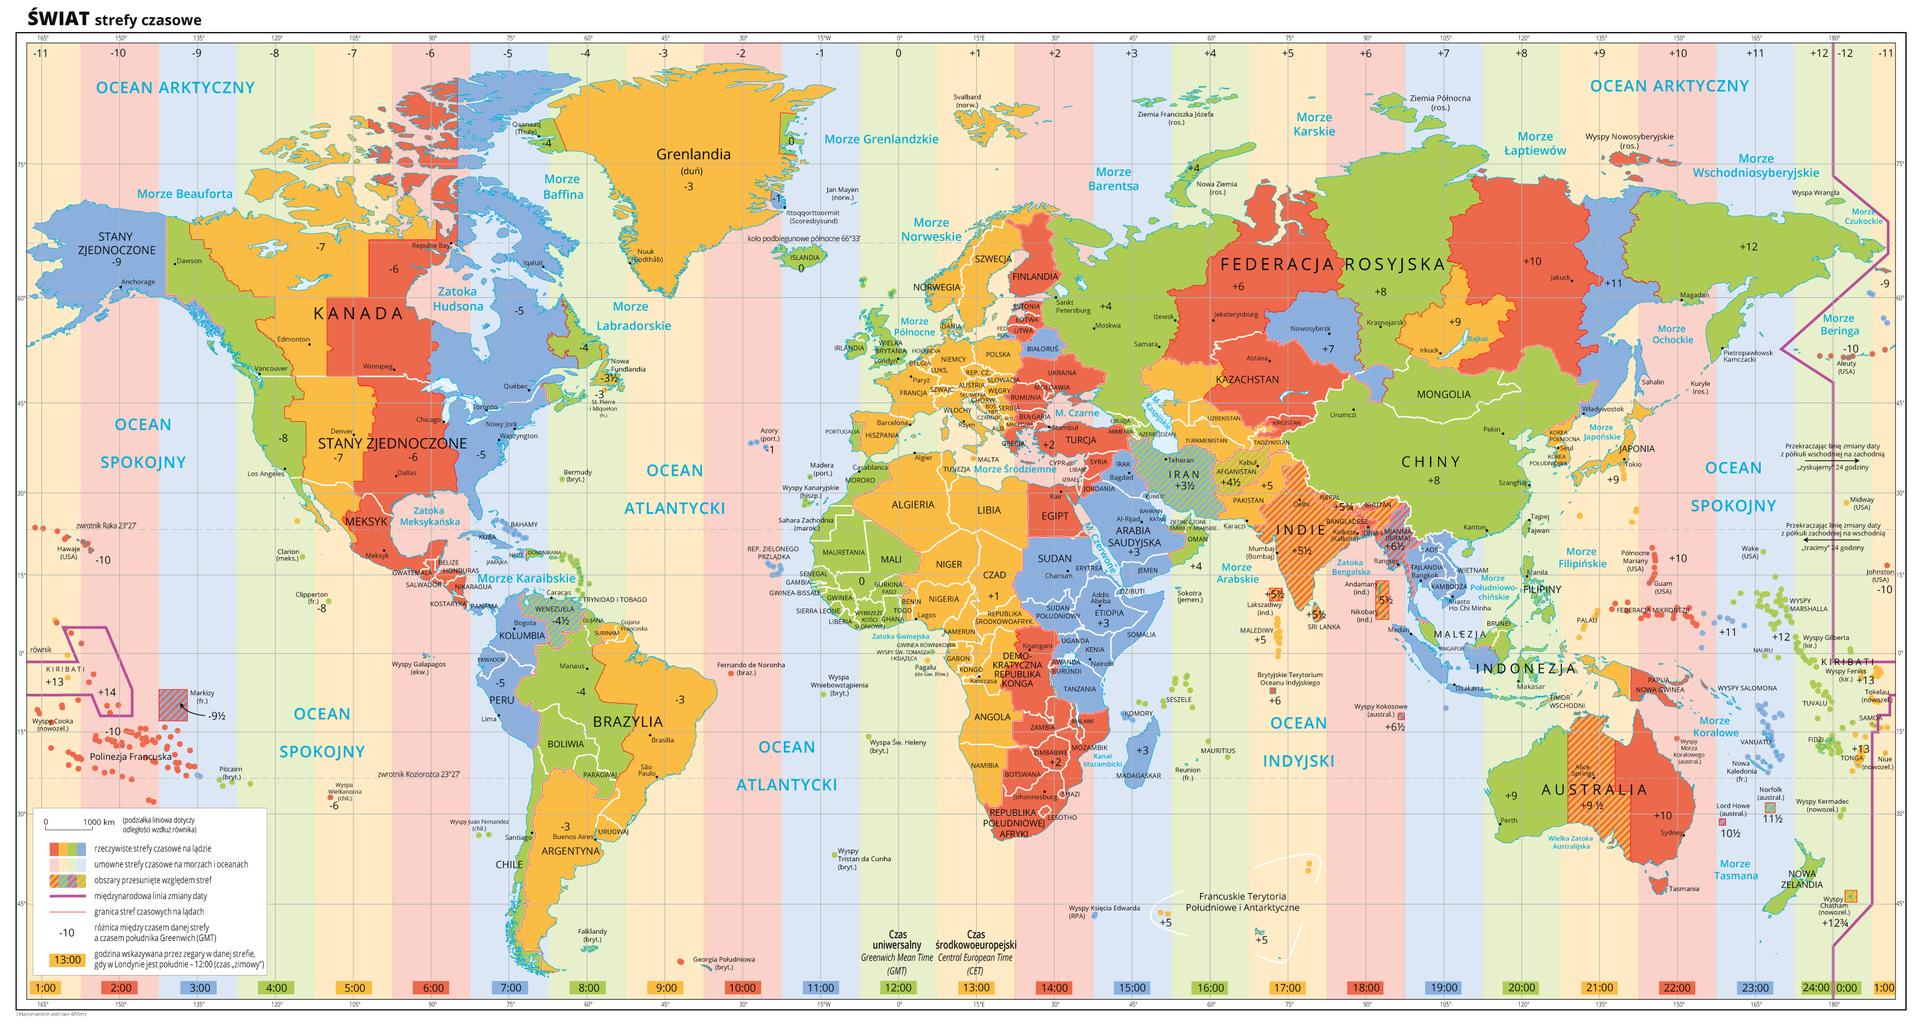 Ilustracja prezentuje rzeczywiste strefy czasu urzędowego. Na mapie świata oznaczono tym samym kolorem miejsca otakim samym czasie urzędowym.